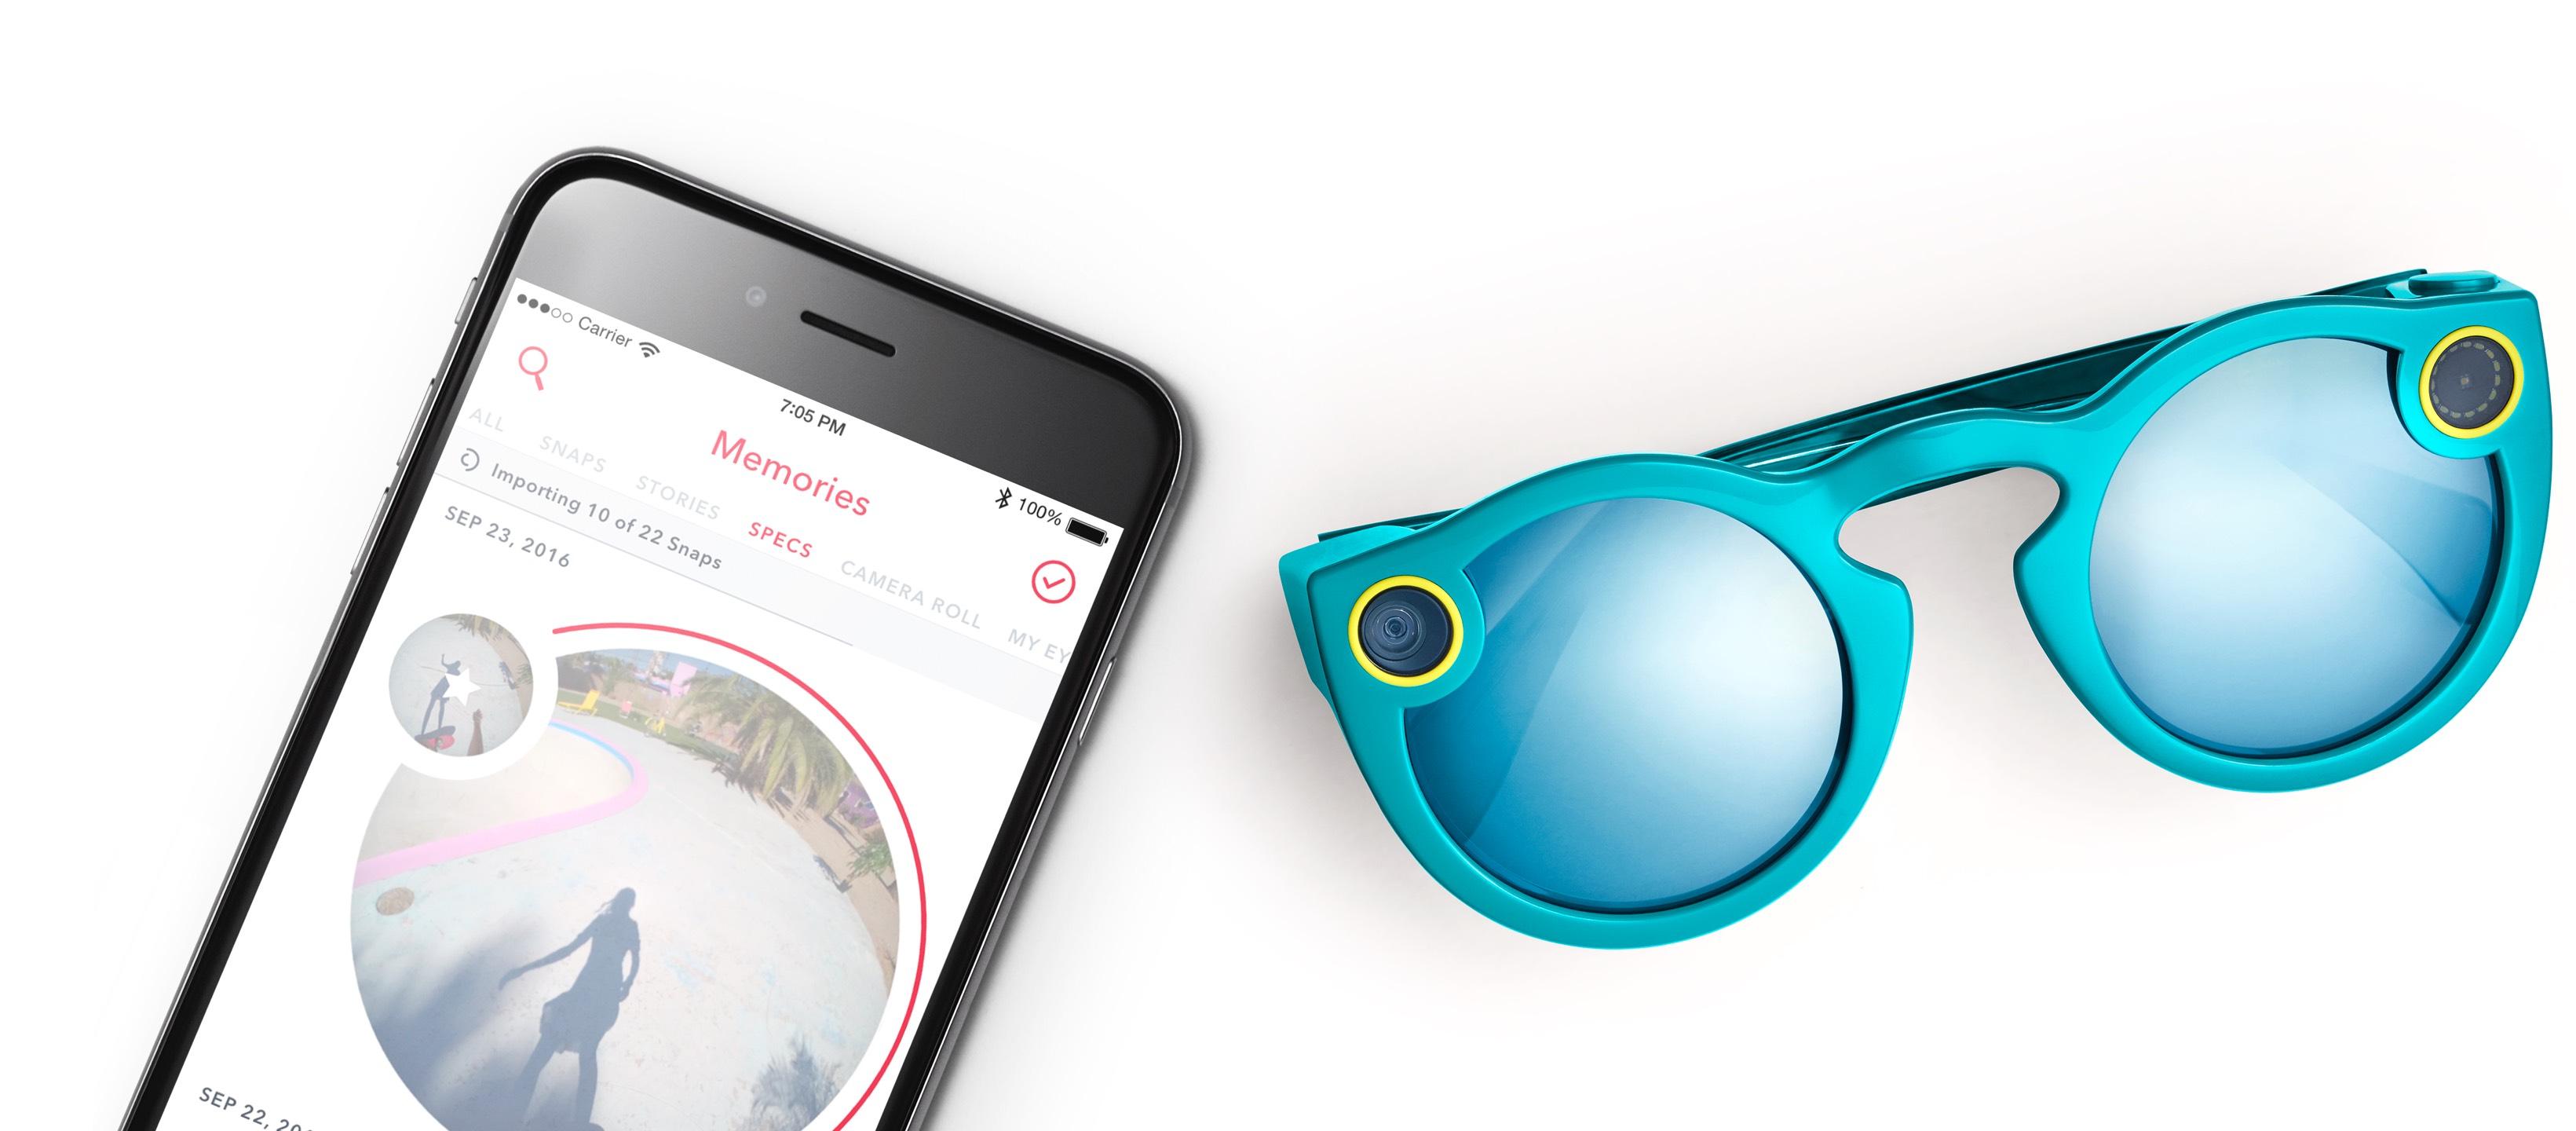 d1ff7986a30734 Tout savoir sur les Spectacles, les lunettes connectées de Snapchat - Tech  - Numerama